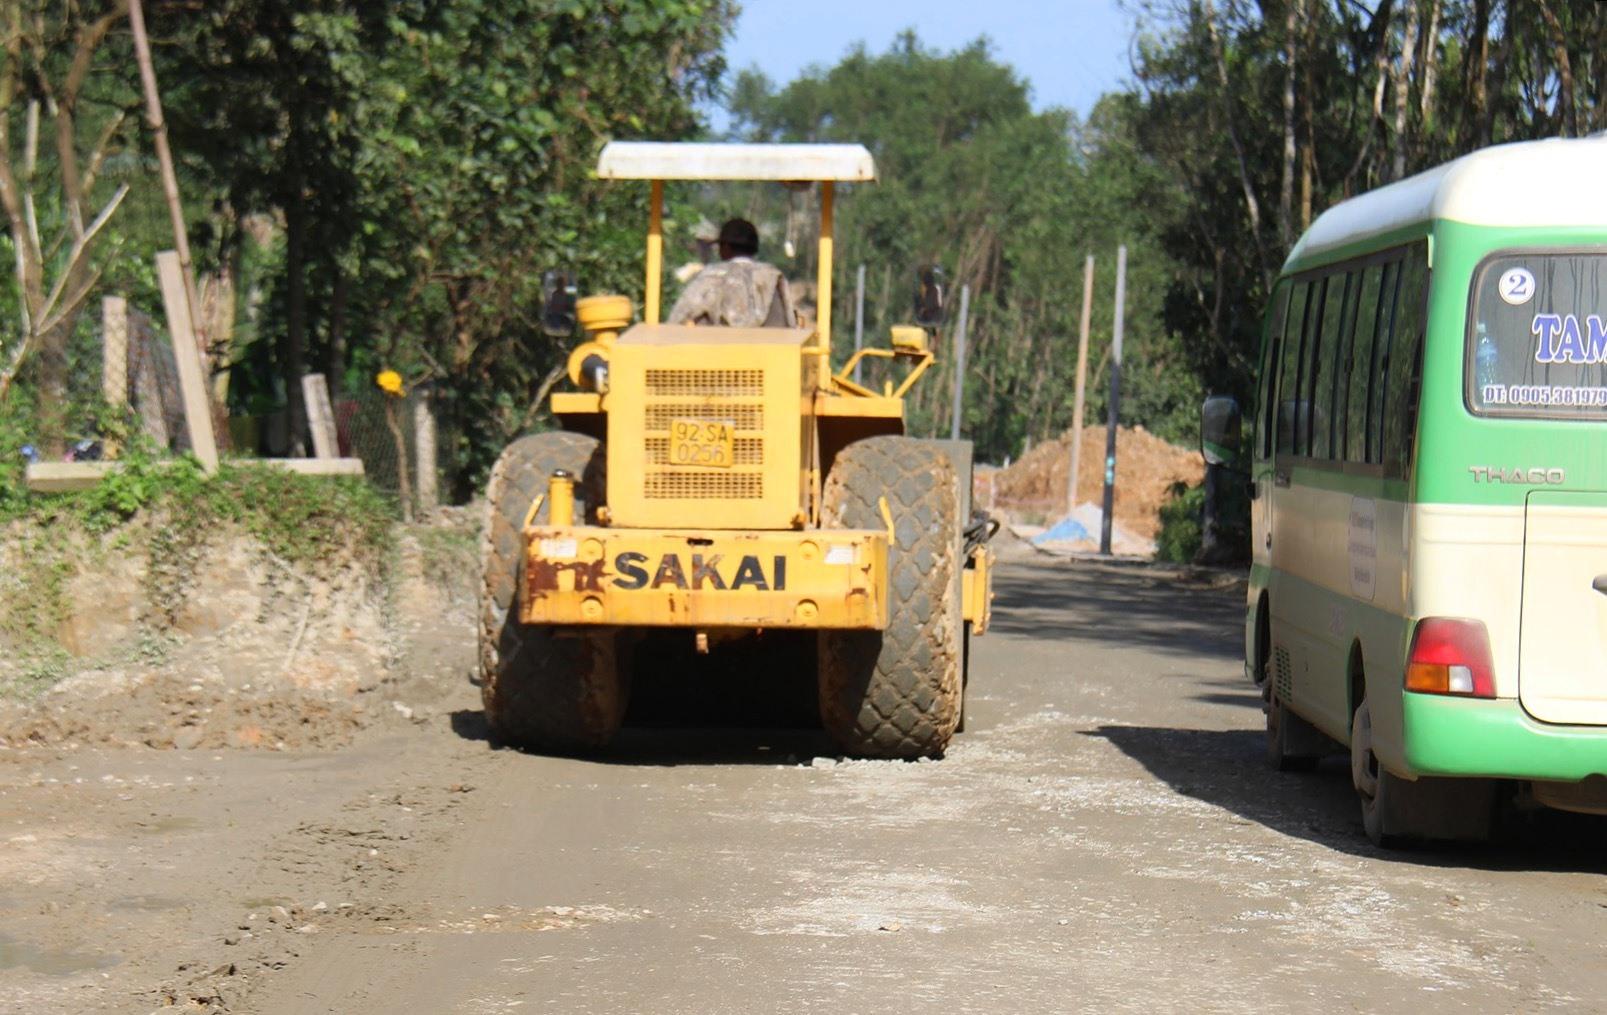 Đơn vị thi công tuyến 40B đoạn qua khu vực Đồi Thông, thị trấn Tiên Kỳ,huyện Tiên Phước khắc phục những đoạn sình lầy đảm bảo giao thông trong dịp Tết. Ảnh: BÌNH AN